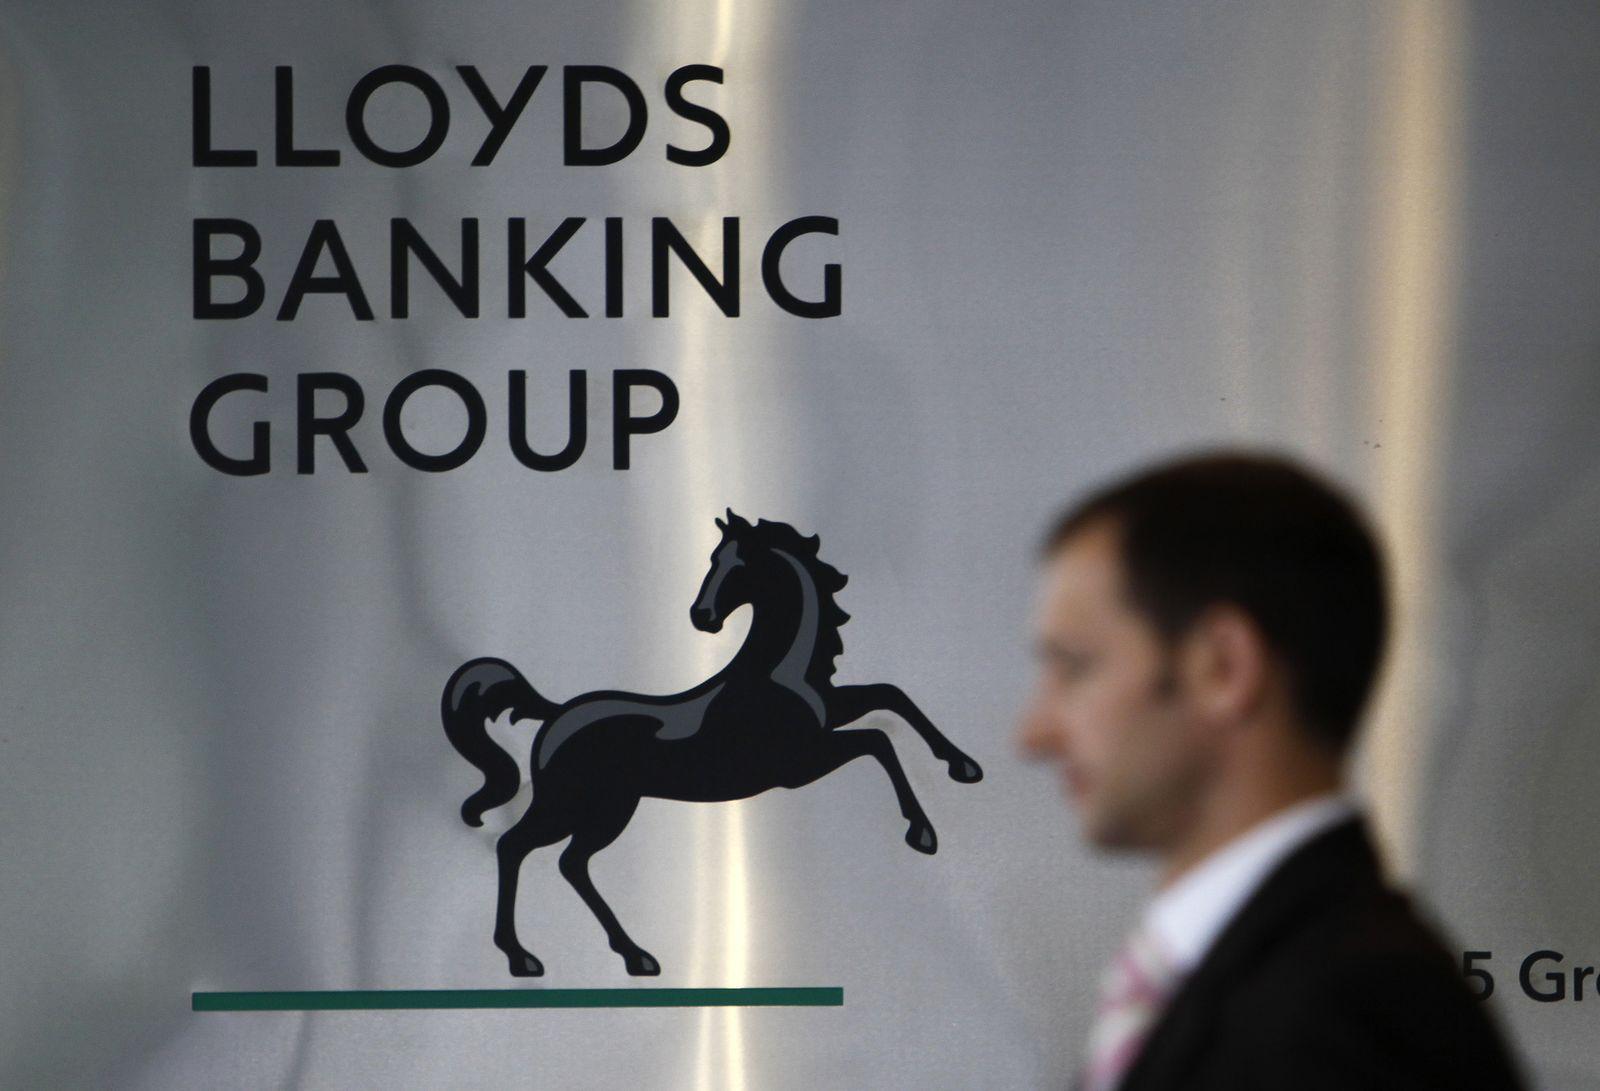 Lloyds Banking Group / Firmenschild